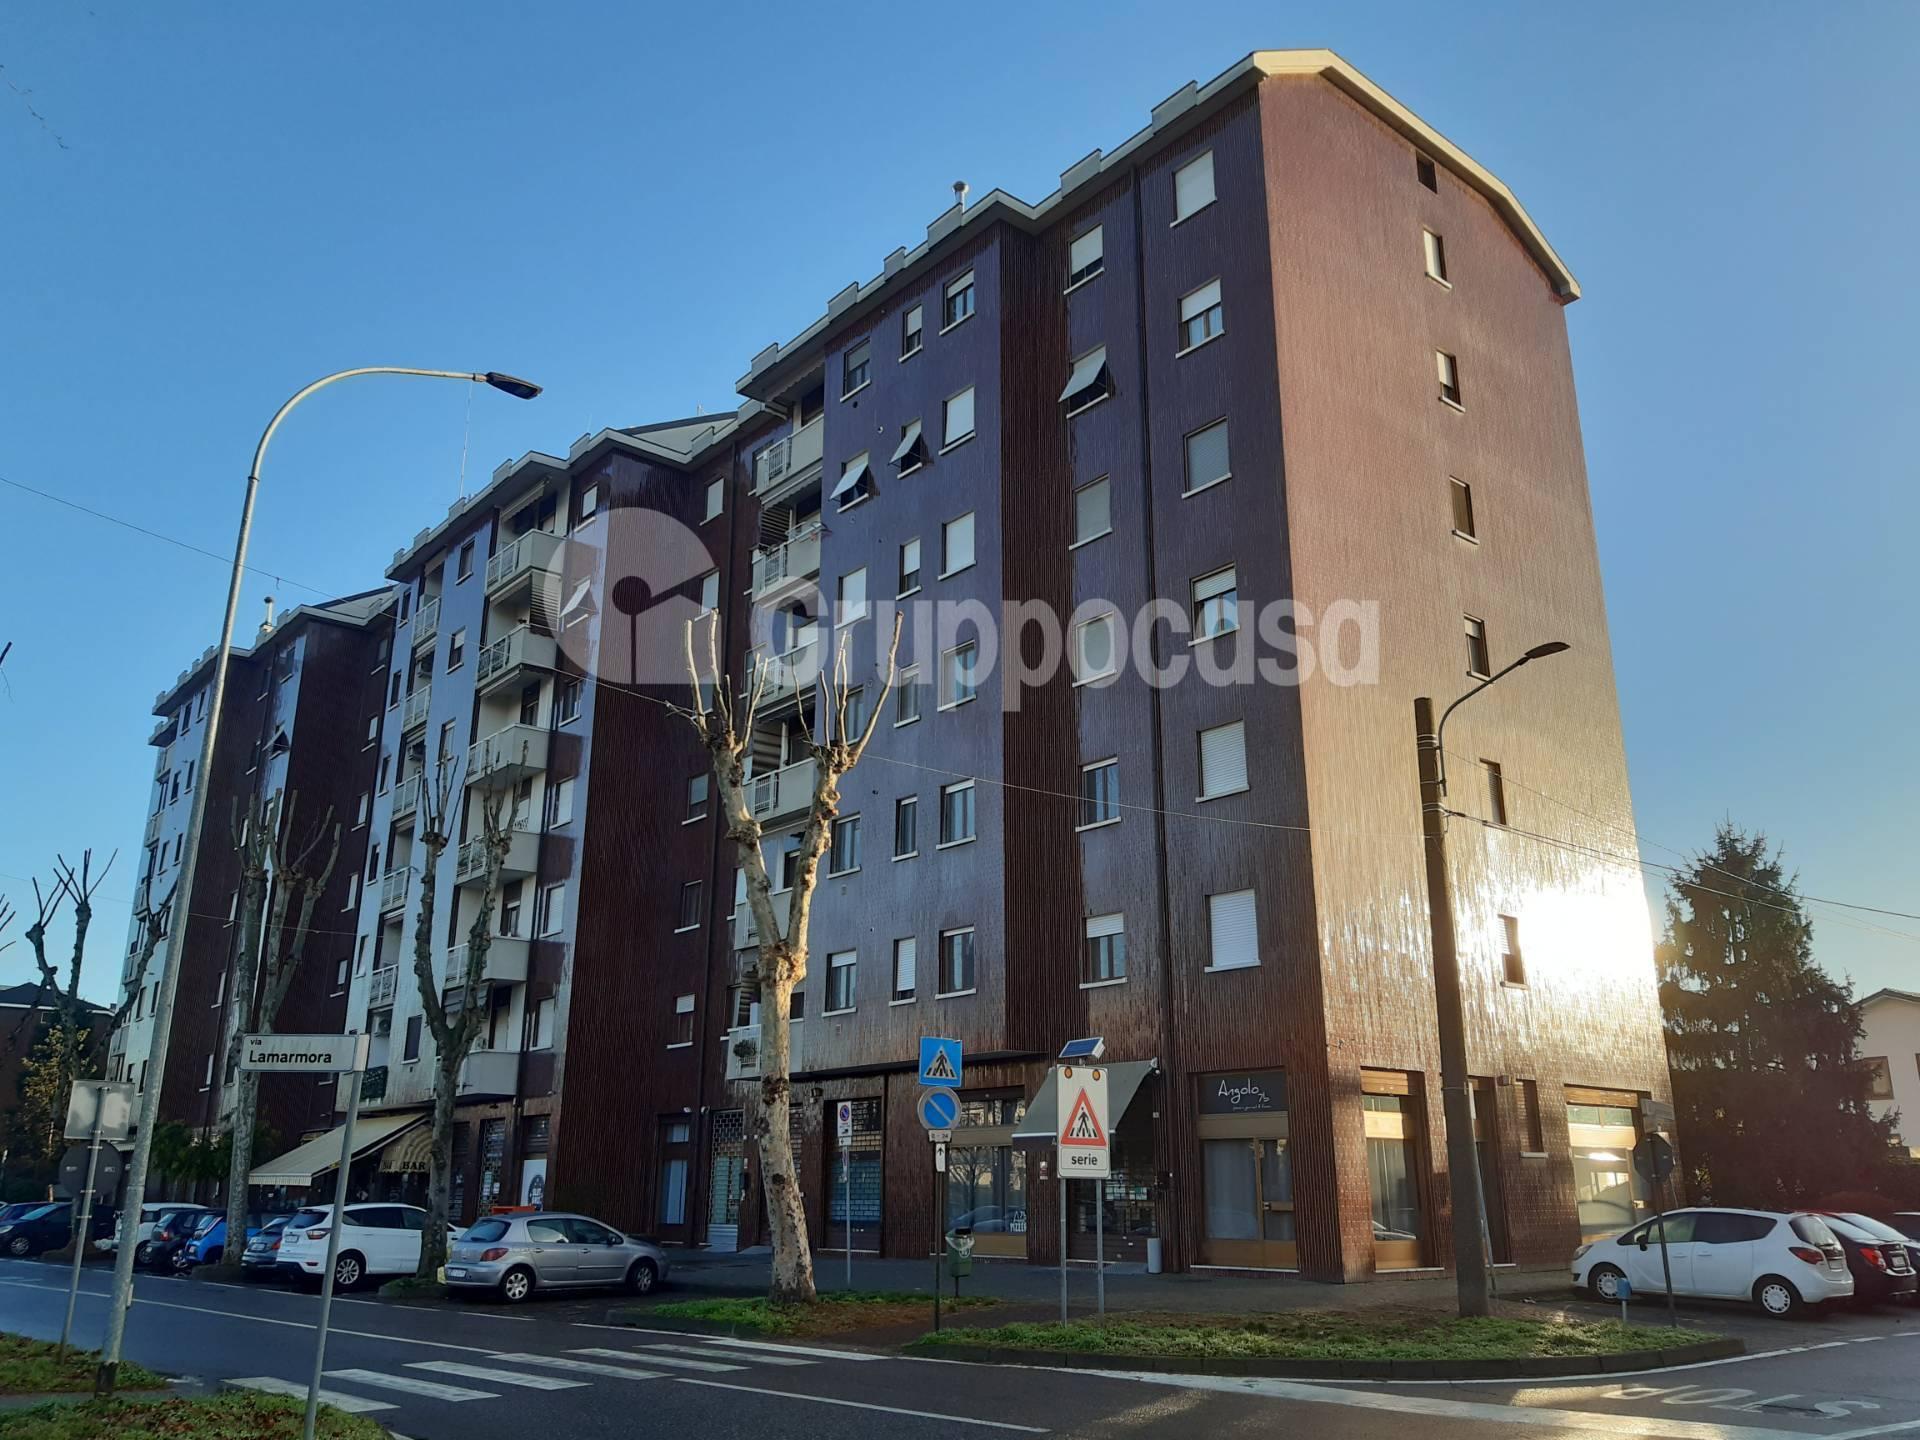 Appartamento in vendita a Corbetta, 3 locali, prezzo € 139.000 | PortaleAgenzieImmobiliari.it